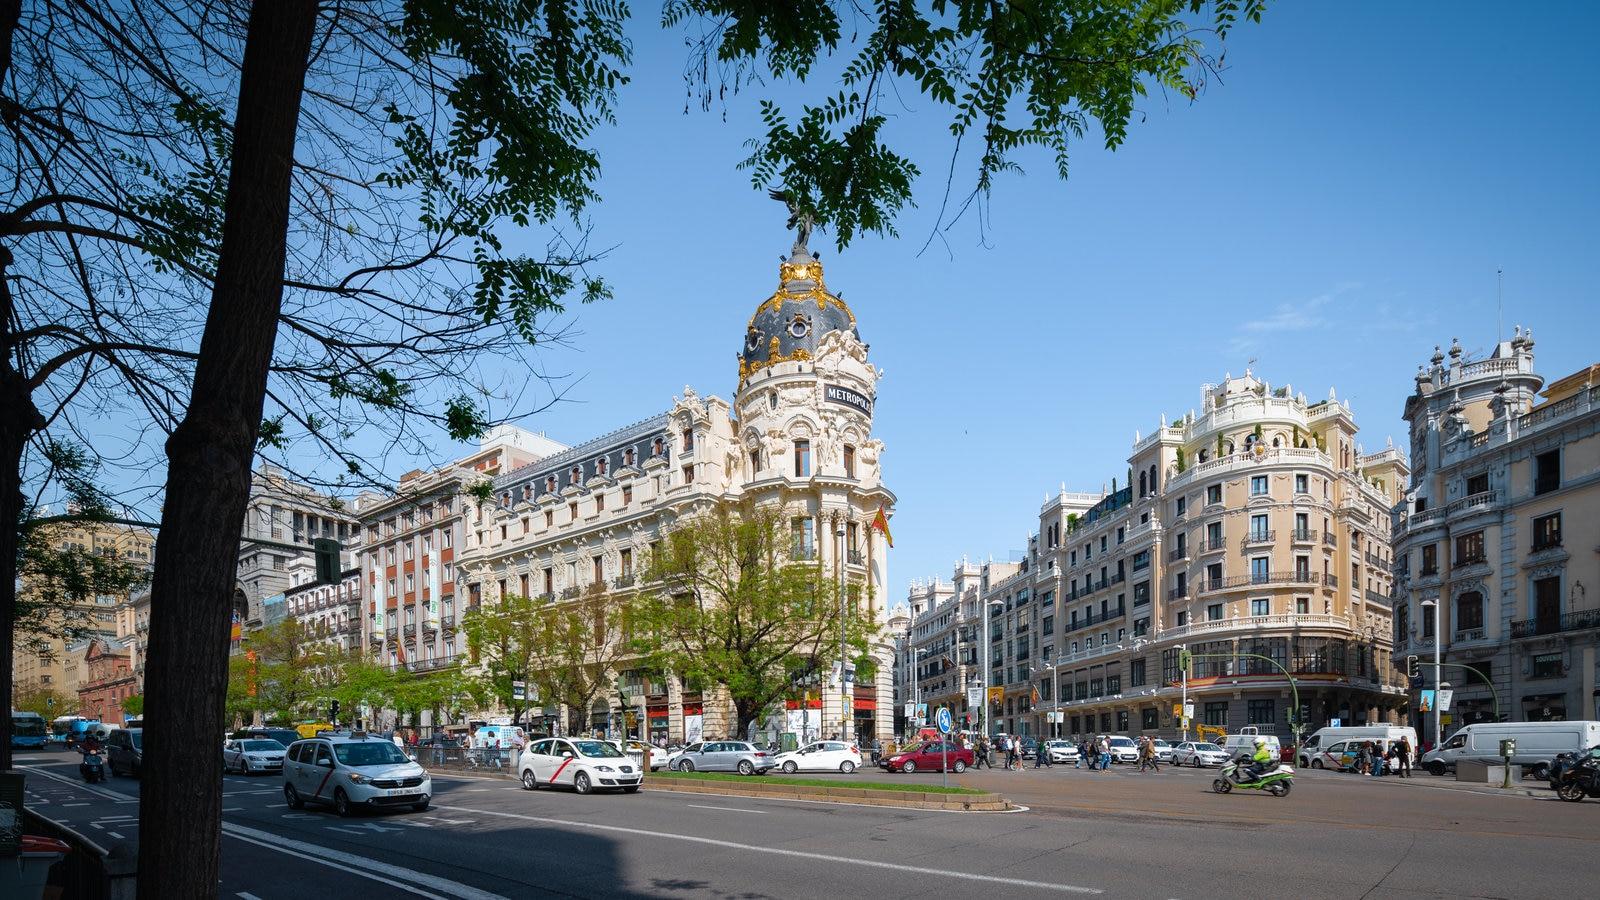 Gran Vía mostrando patrimonio de arquitectura y una ciudad